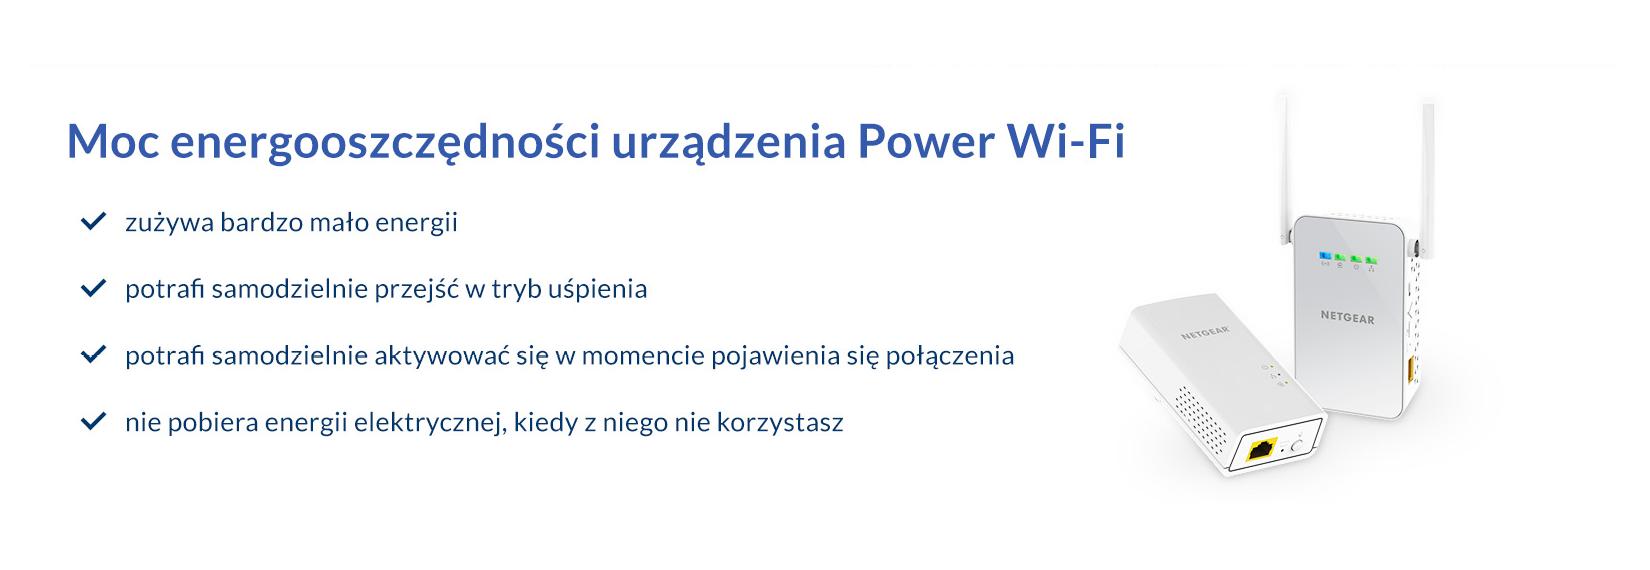 Power WiFi - urządzenie